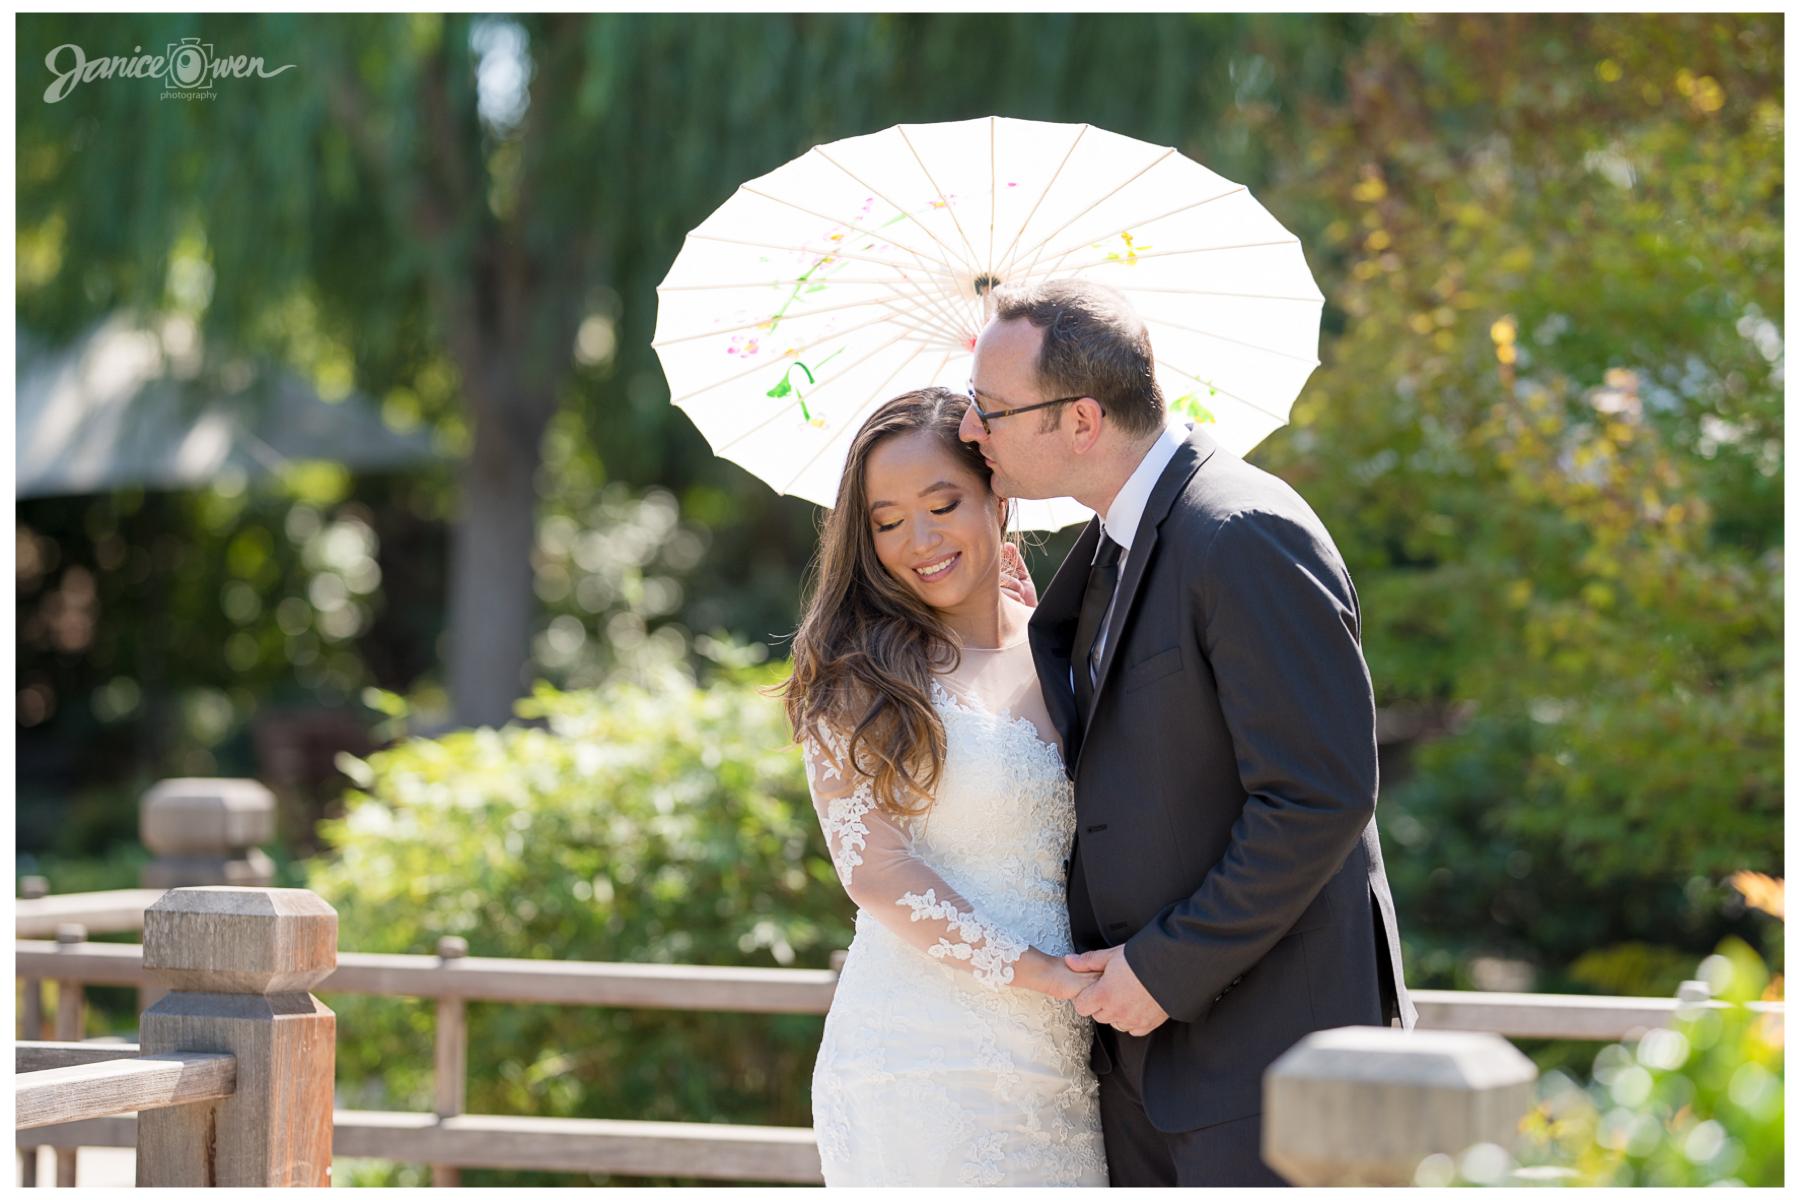 janiceowenphotography_wedding3.jpg